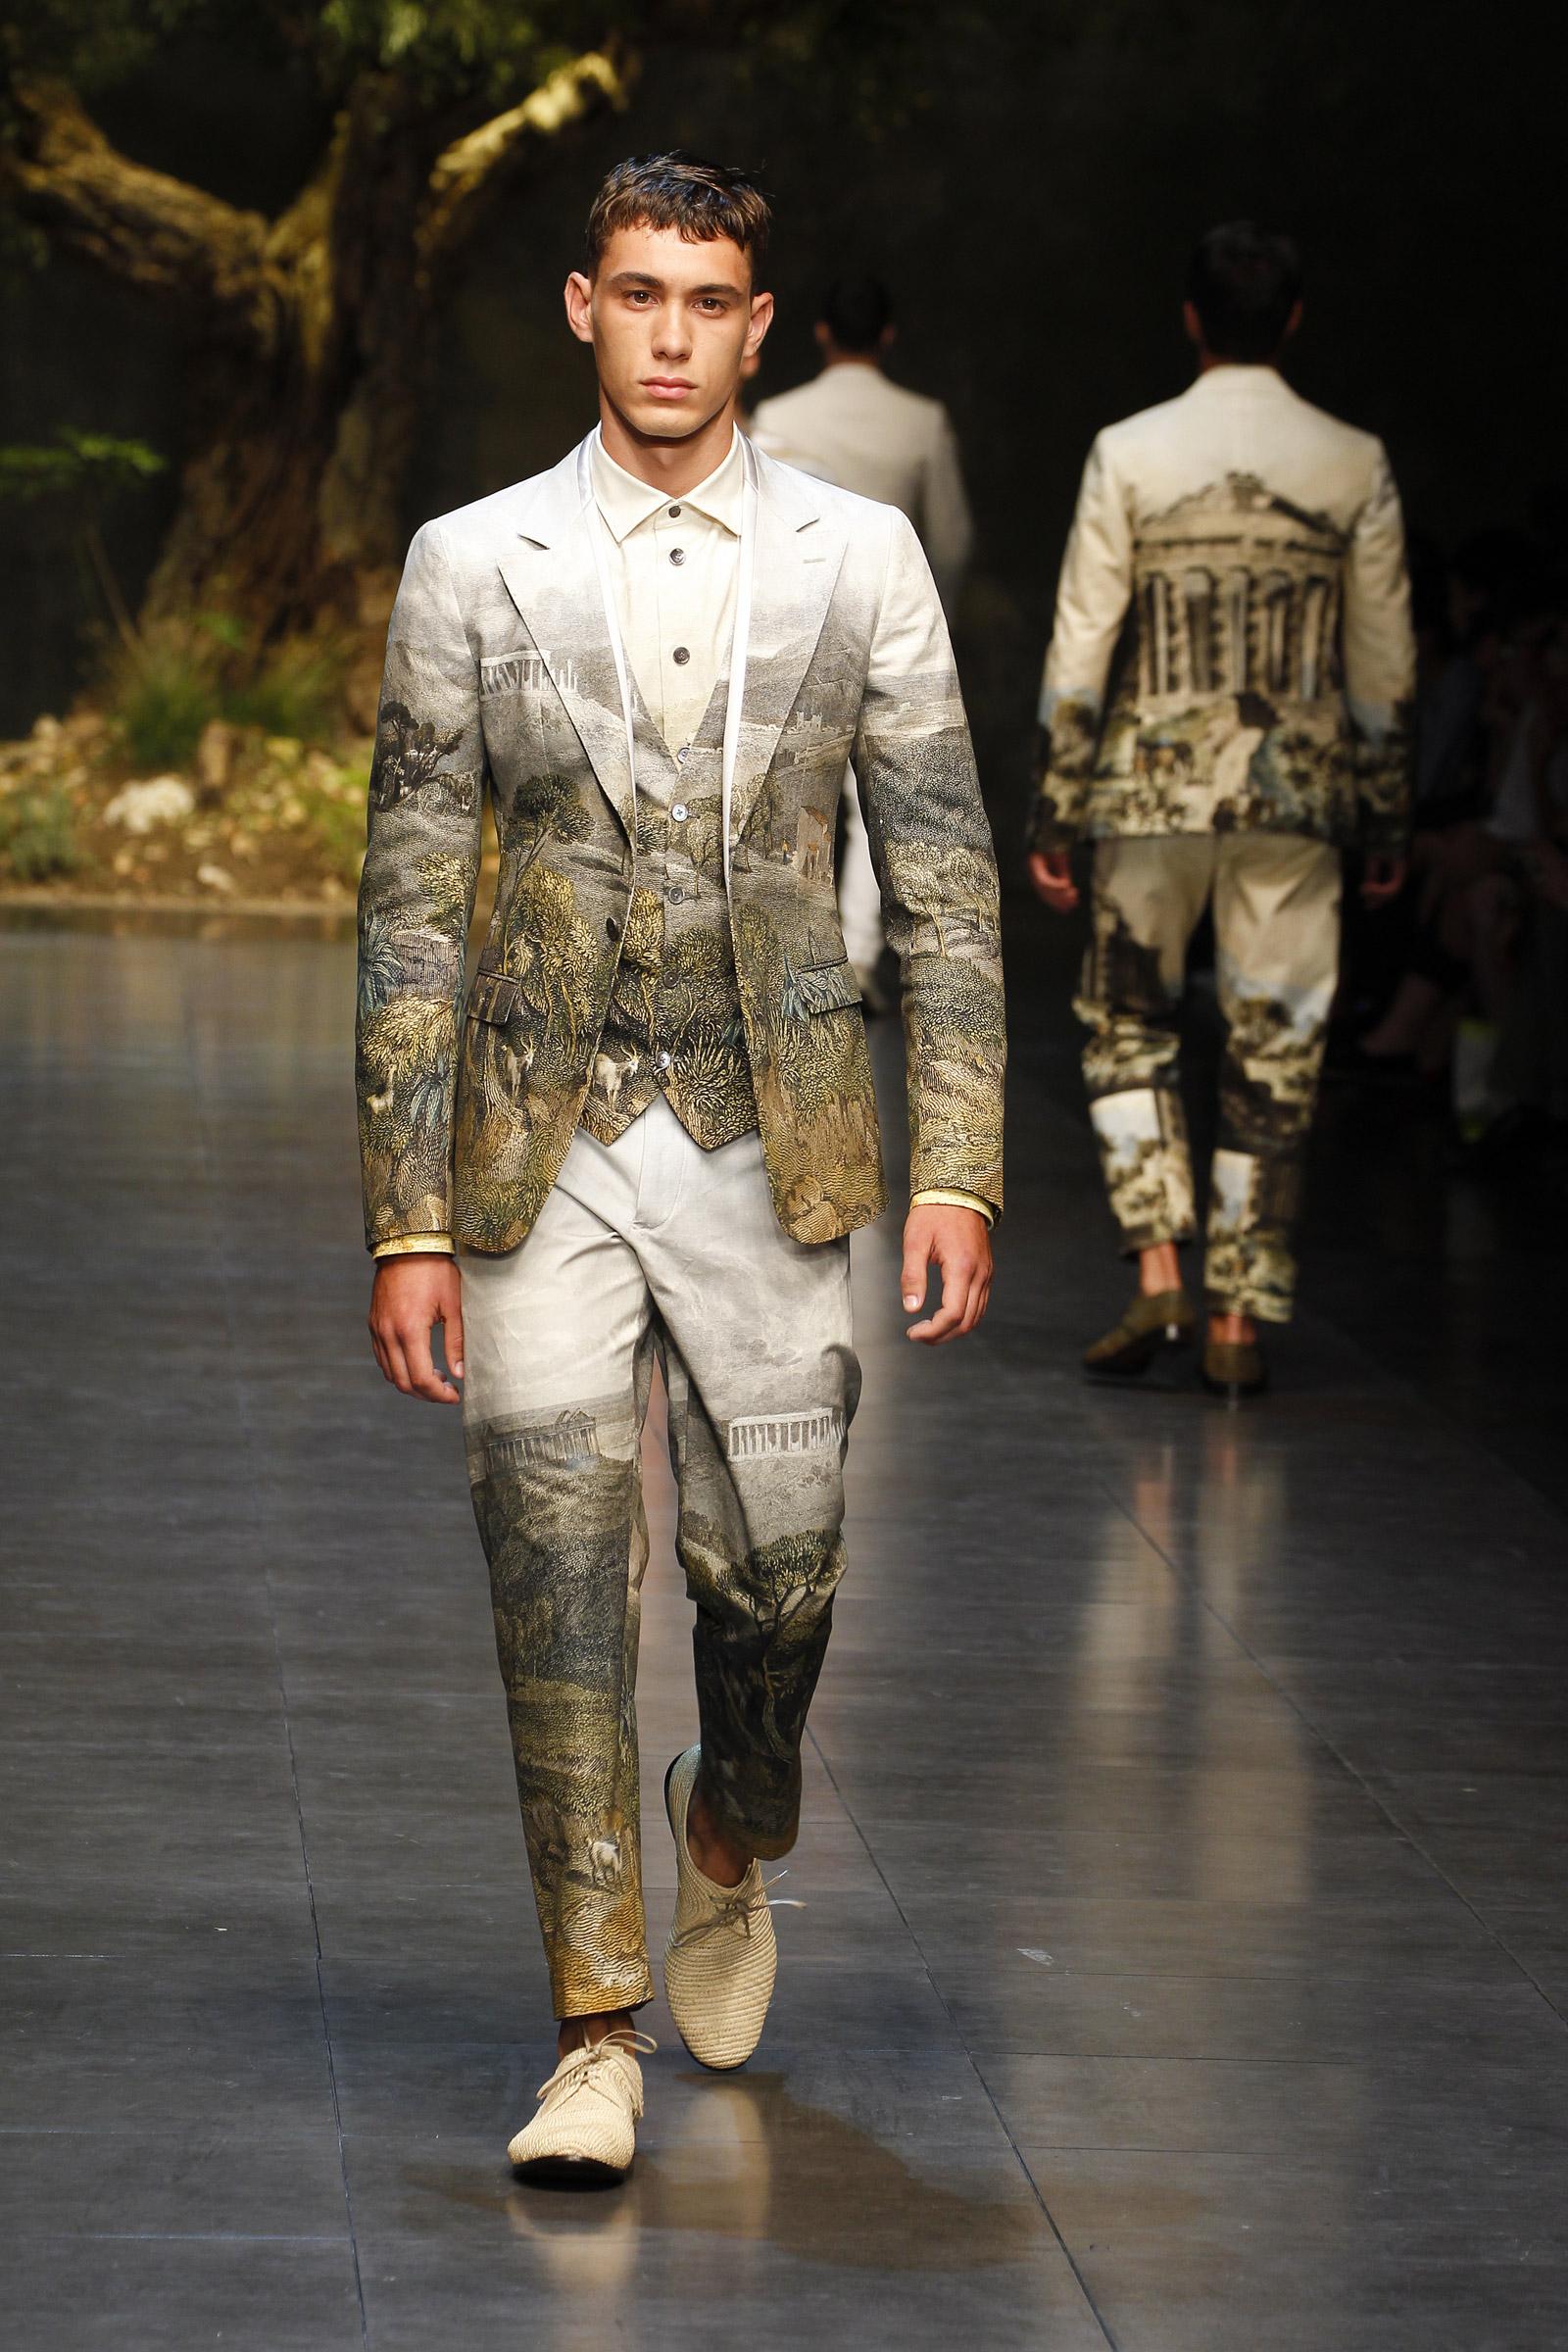 Dolce & Gabbana Summer 2014 Men's Fashion Show